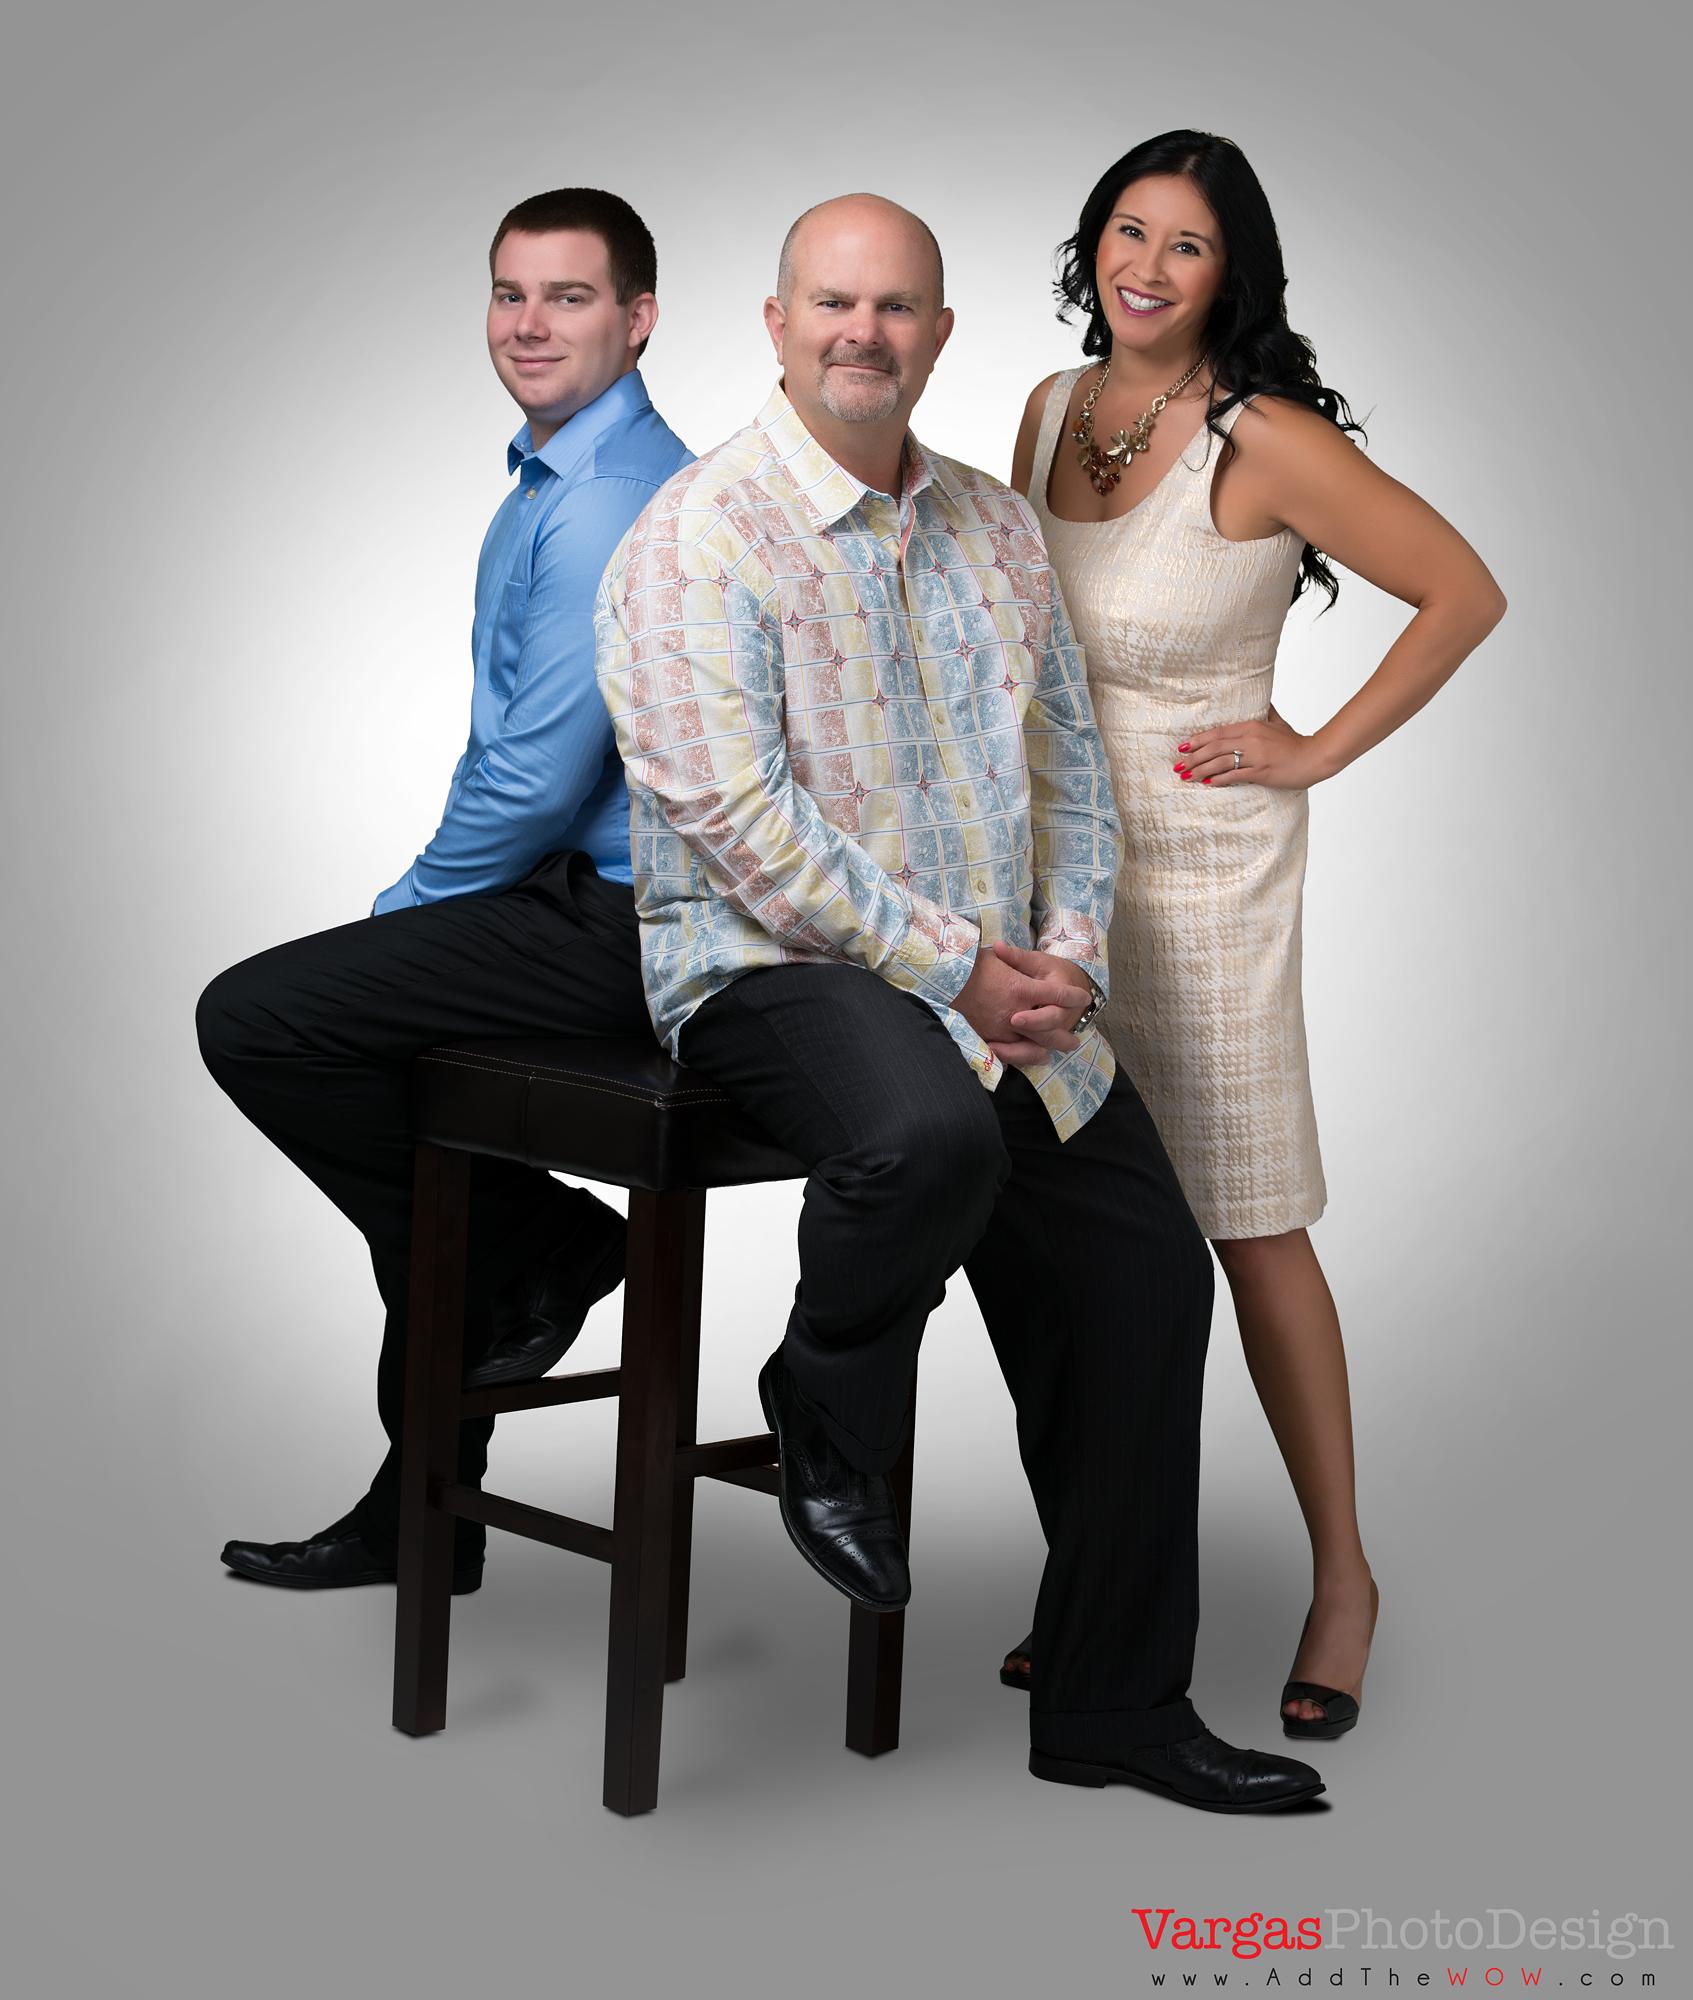 Bob-Irish-Lorena-Irish-Team-Family-Portrait.png